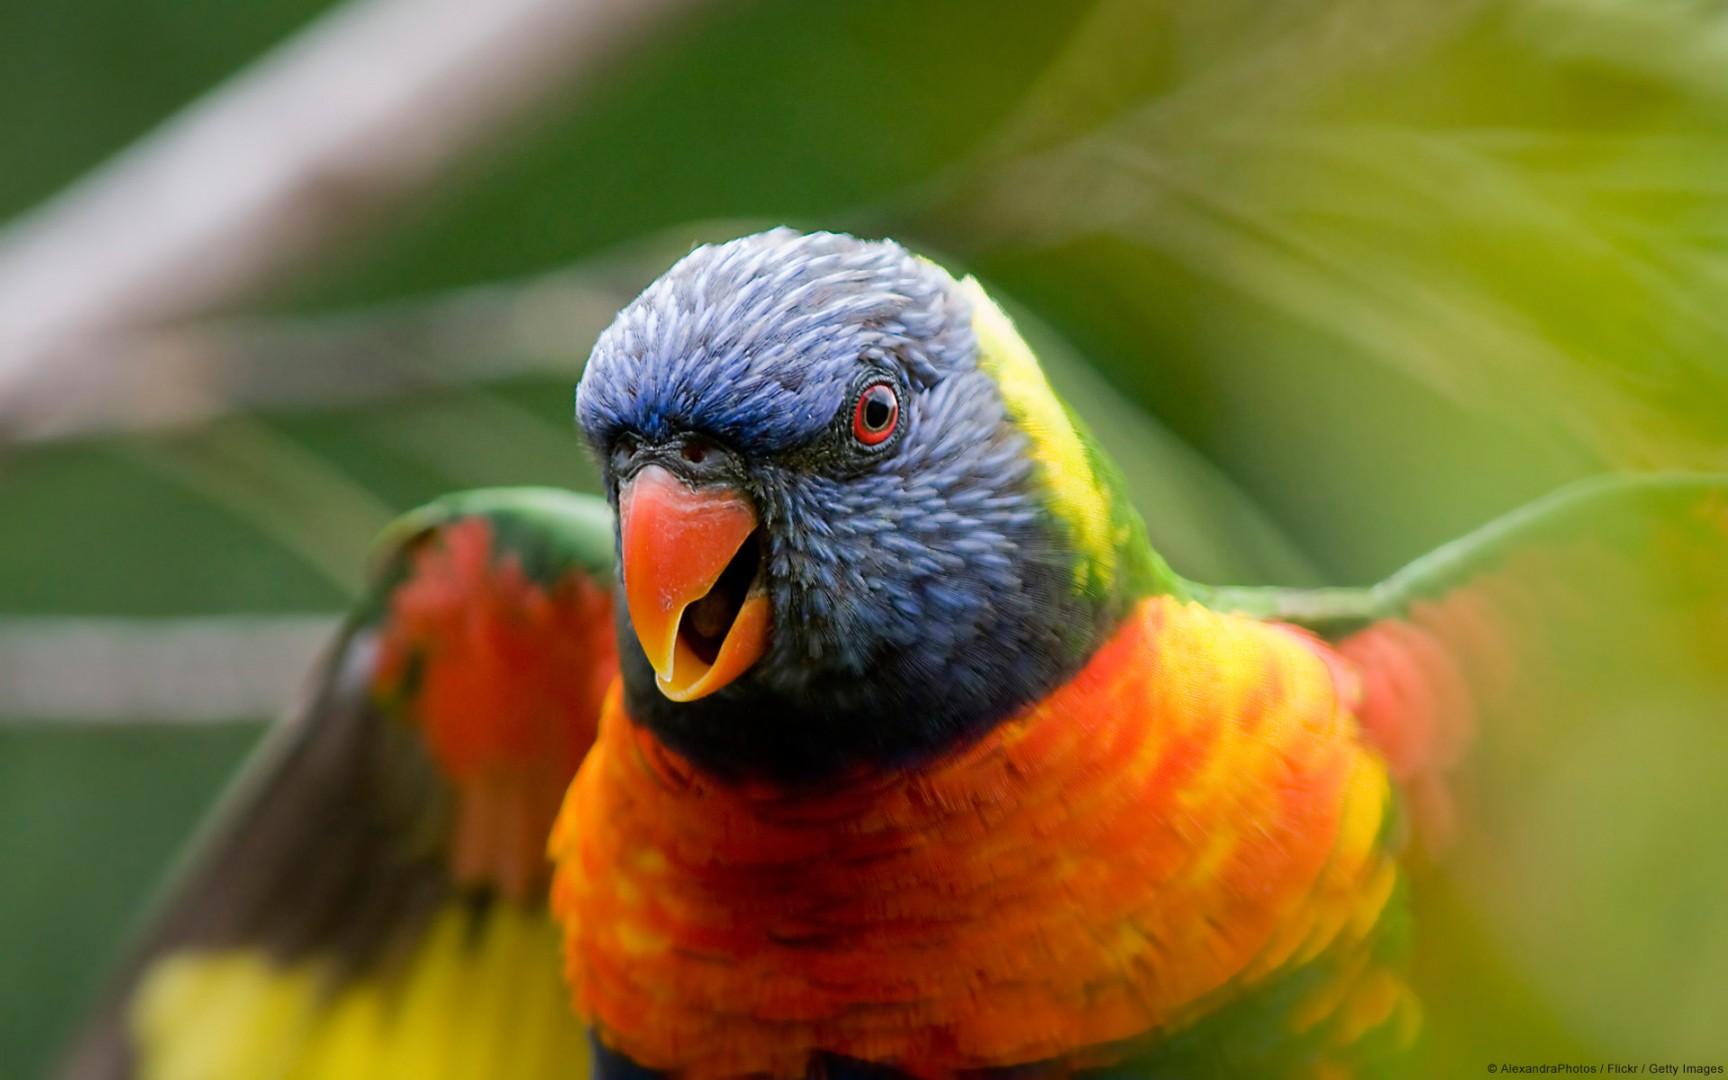 попугай, скачать фото, обои для рабочего стола, цветной